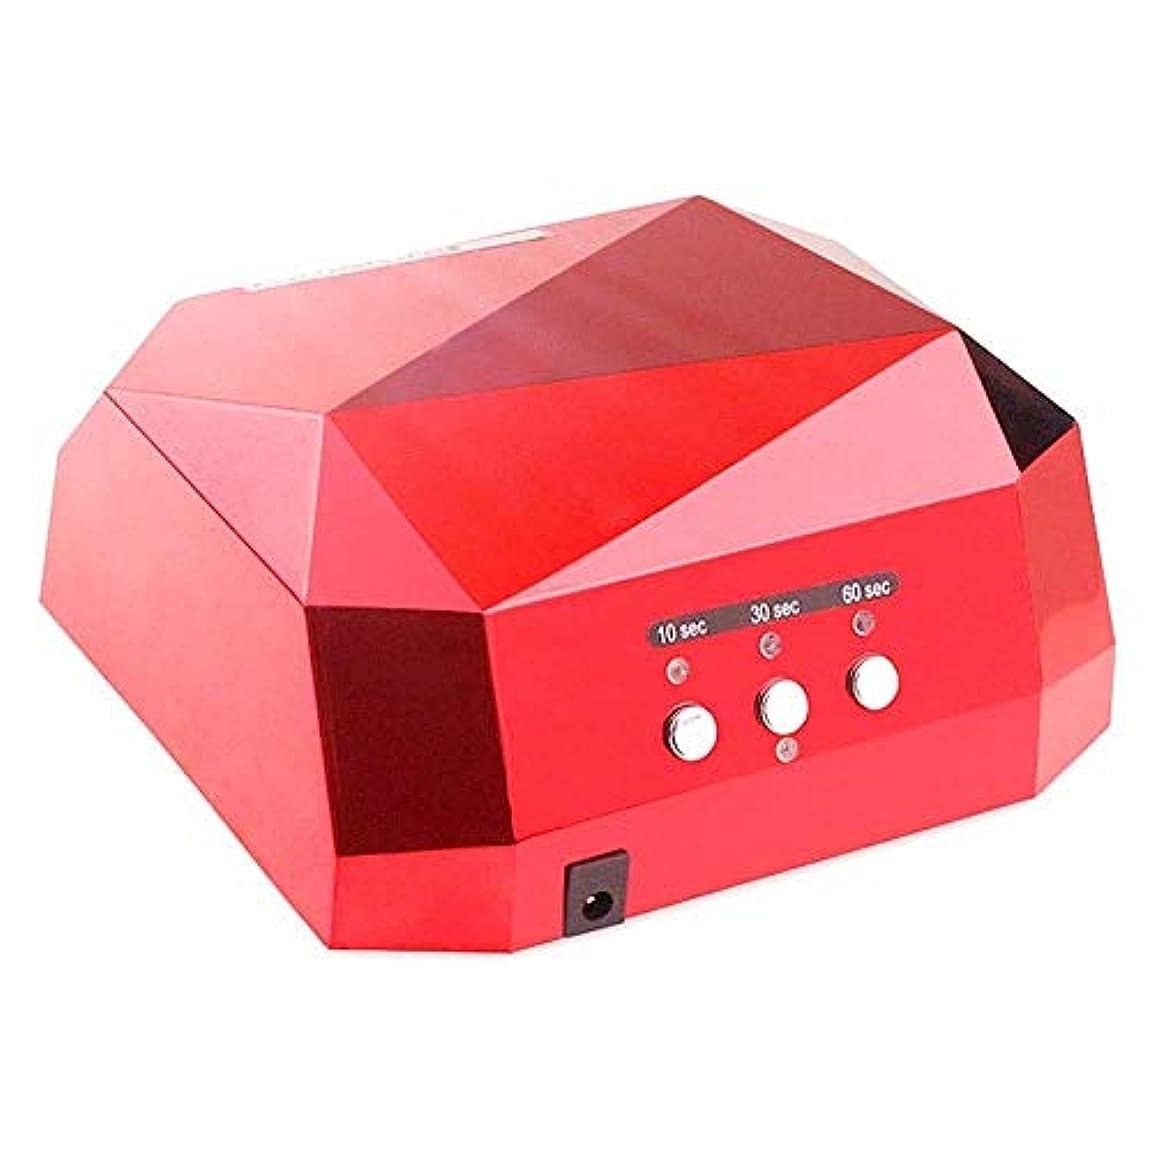 粗い歌手社会主義DHINGM 12のLEDライト付きネイルランプ、ダイヤモンドLEDネイルライトセンサー36 W LEDネイル乾燥ランプ、インテリジェントな自動センシングは、耐久性に優れ、爪を傷つけることはありません